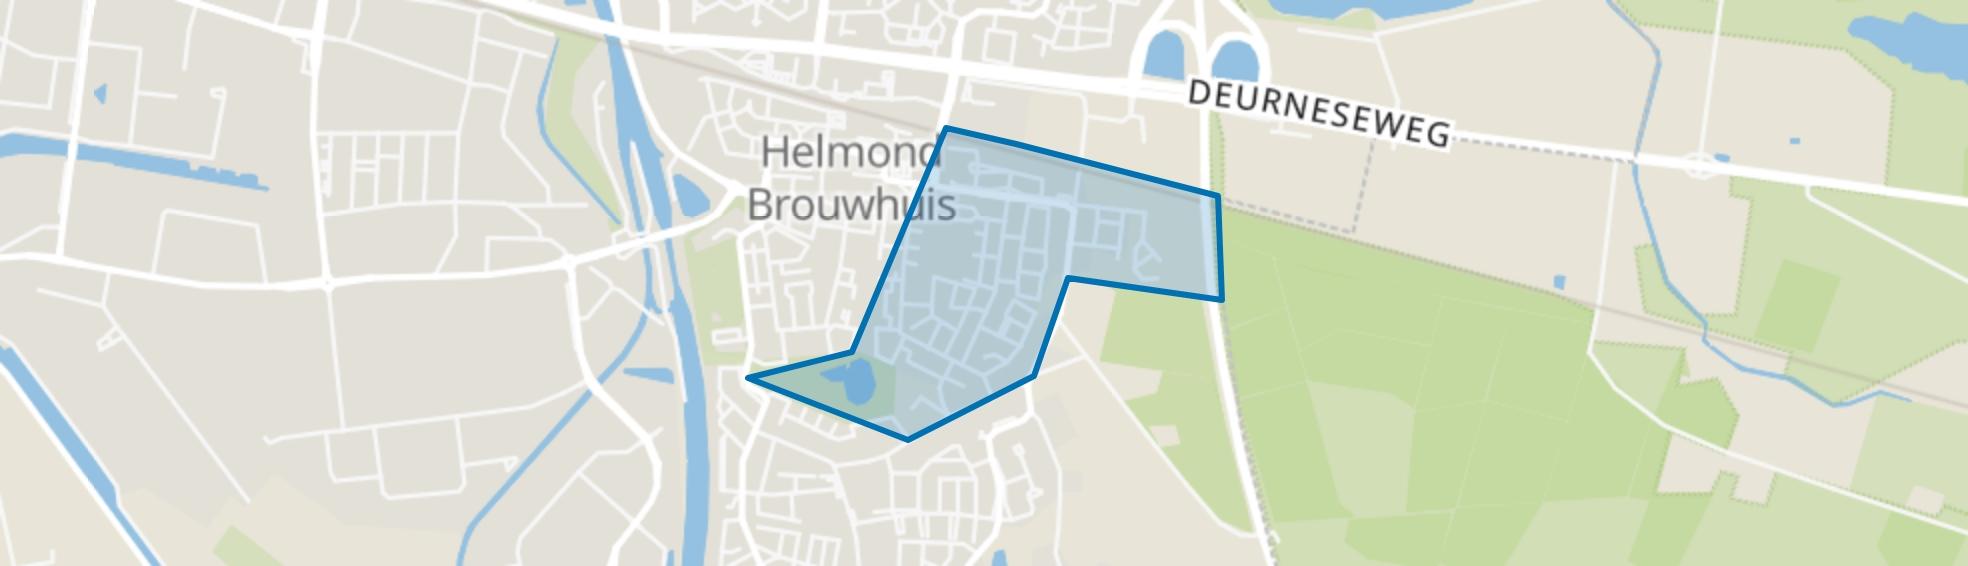 Brouwhuis-Oost, Helmond map